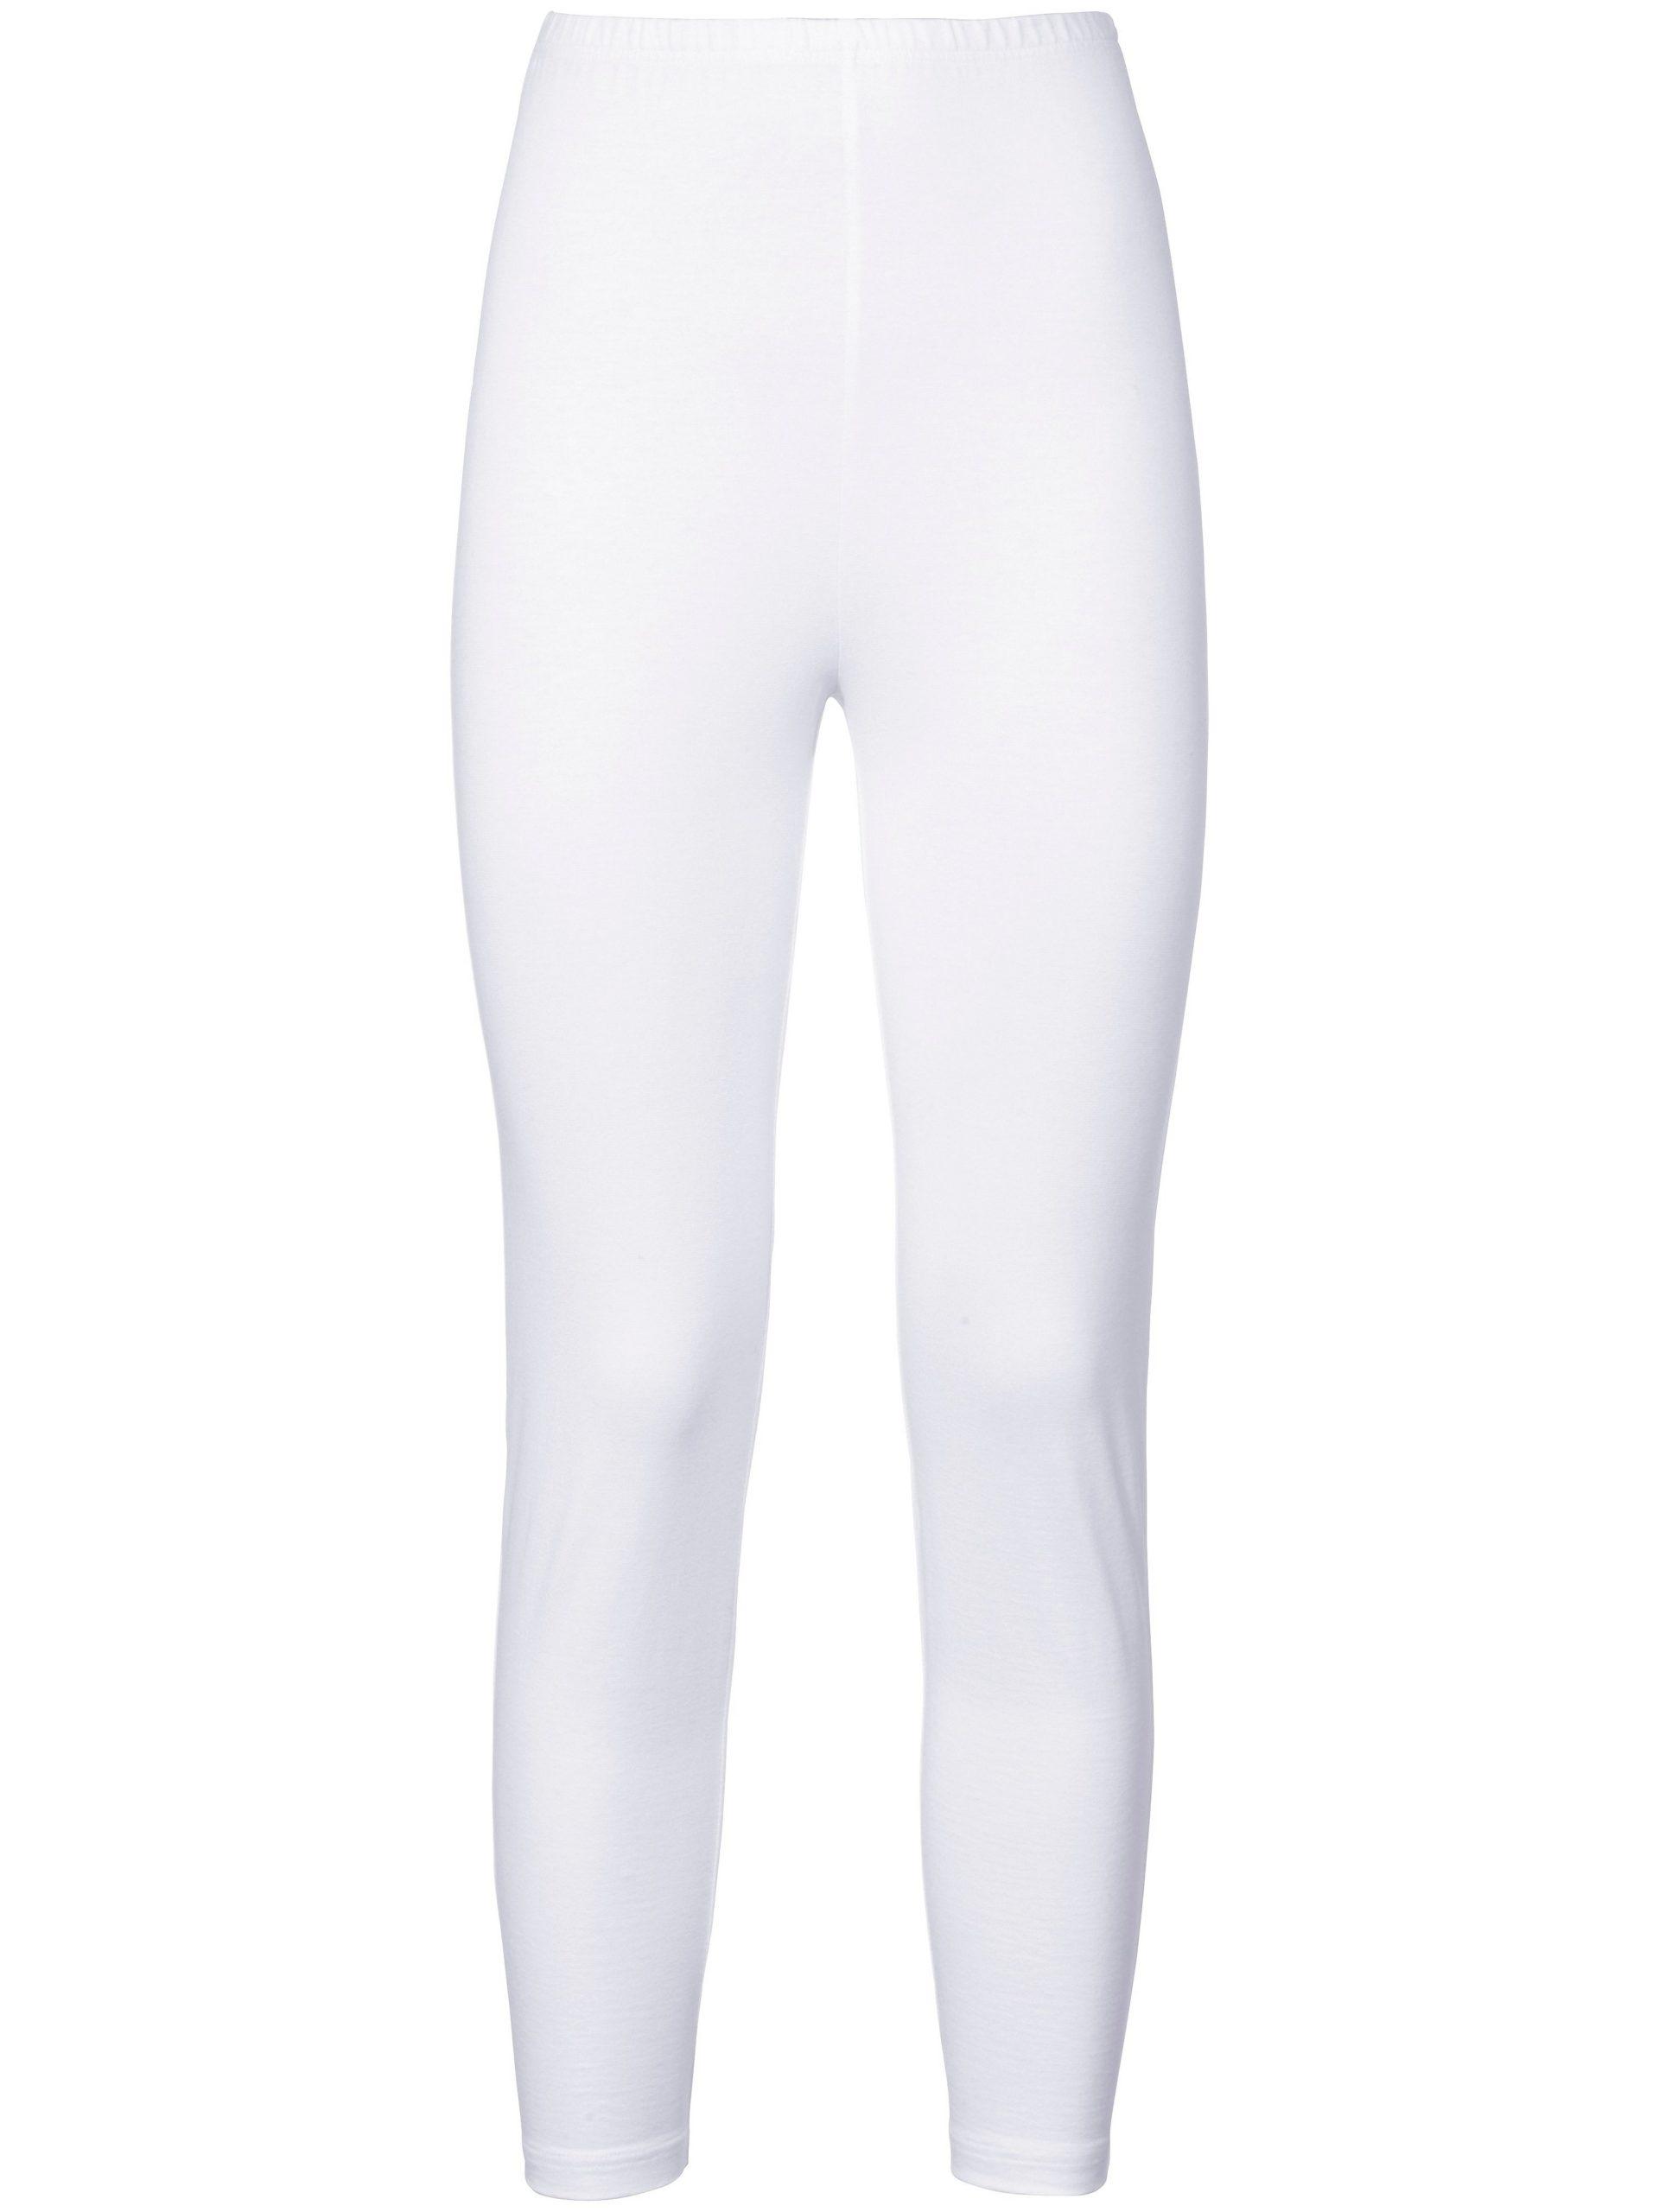 7/8-legging Van Green Cotton wit Kopen